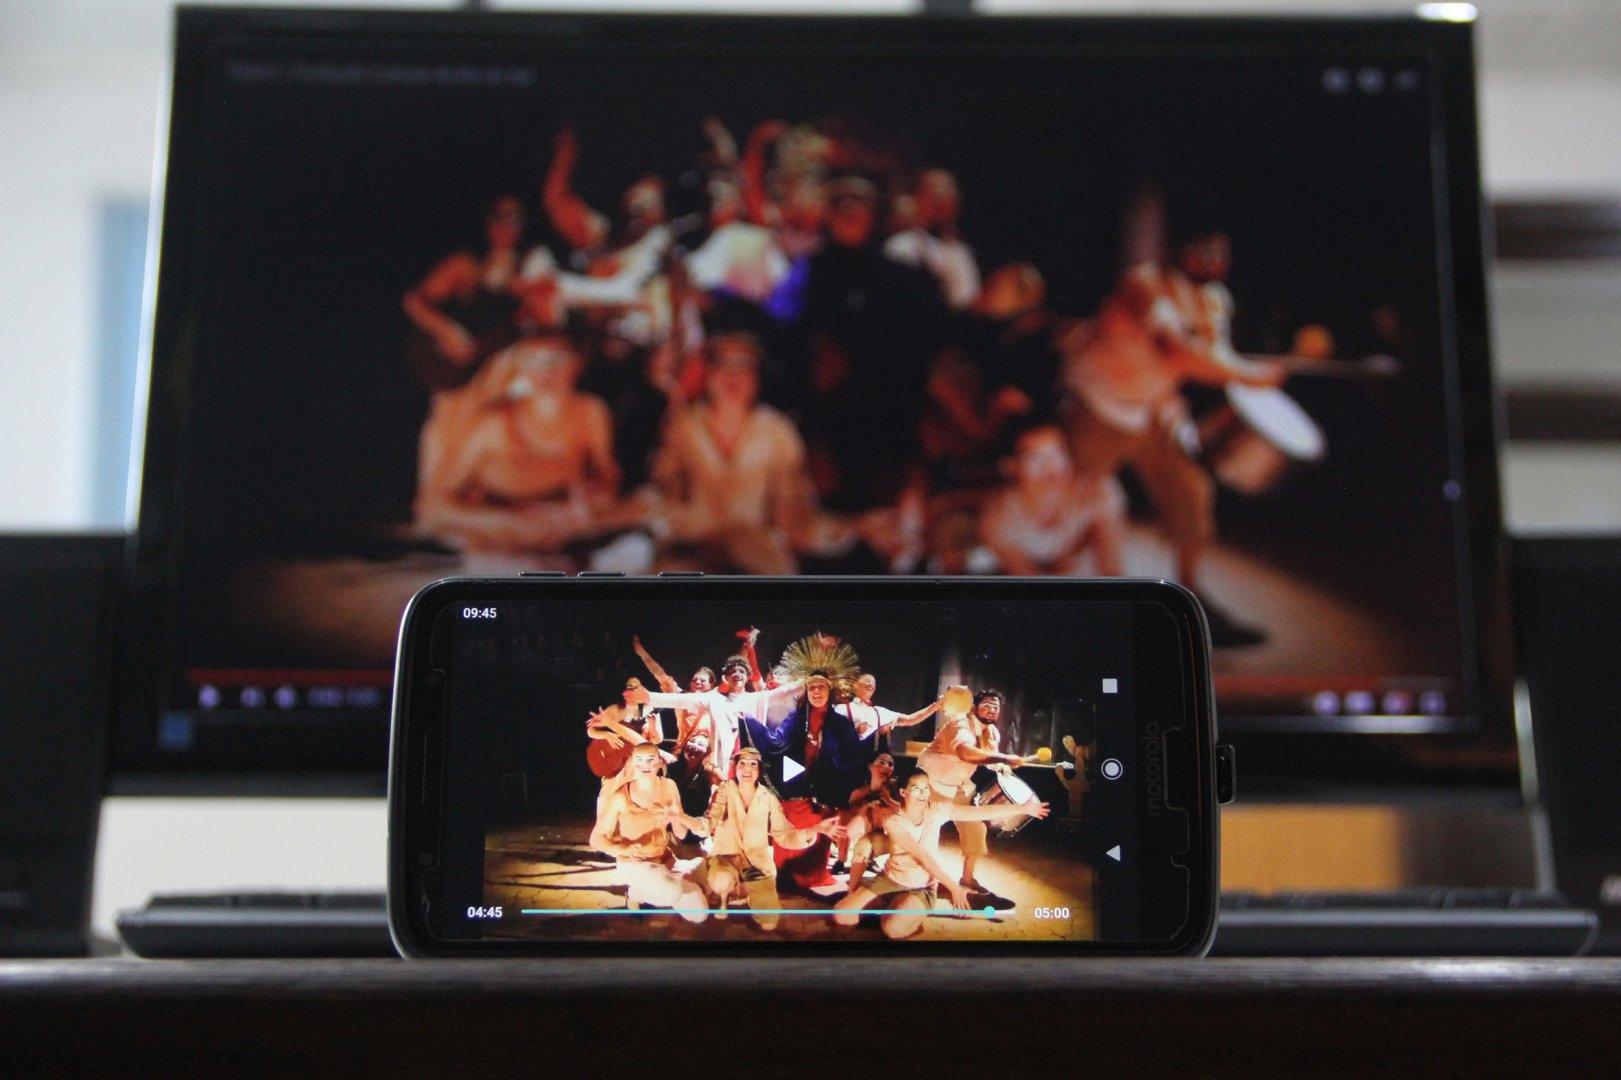 Novo curso: Fundação Cultural de Rio do Sul tem formação Audiovisual para Smartphones